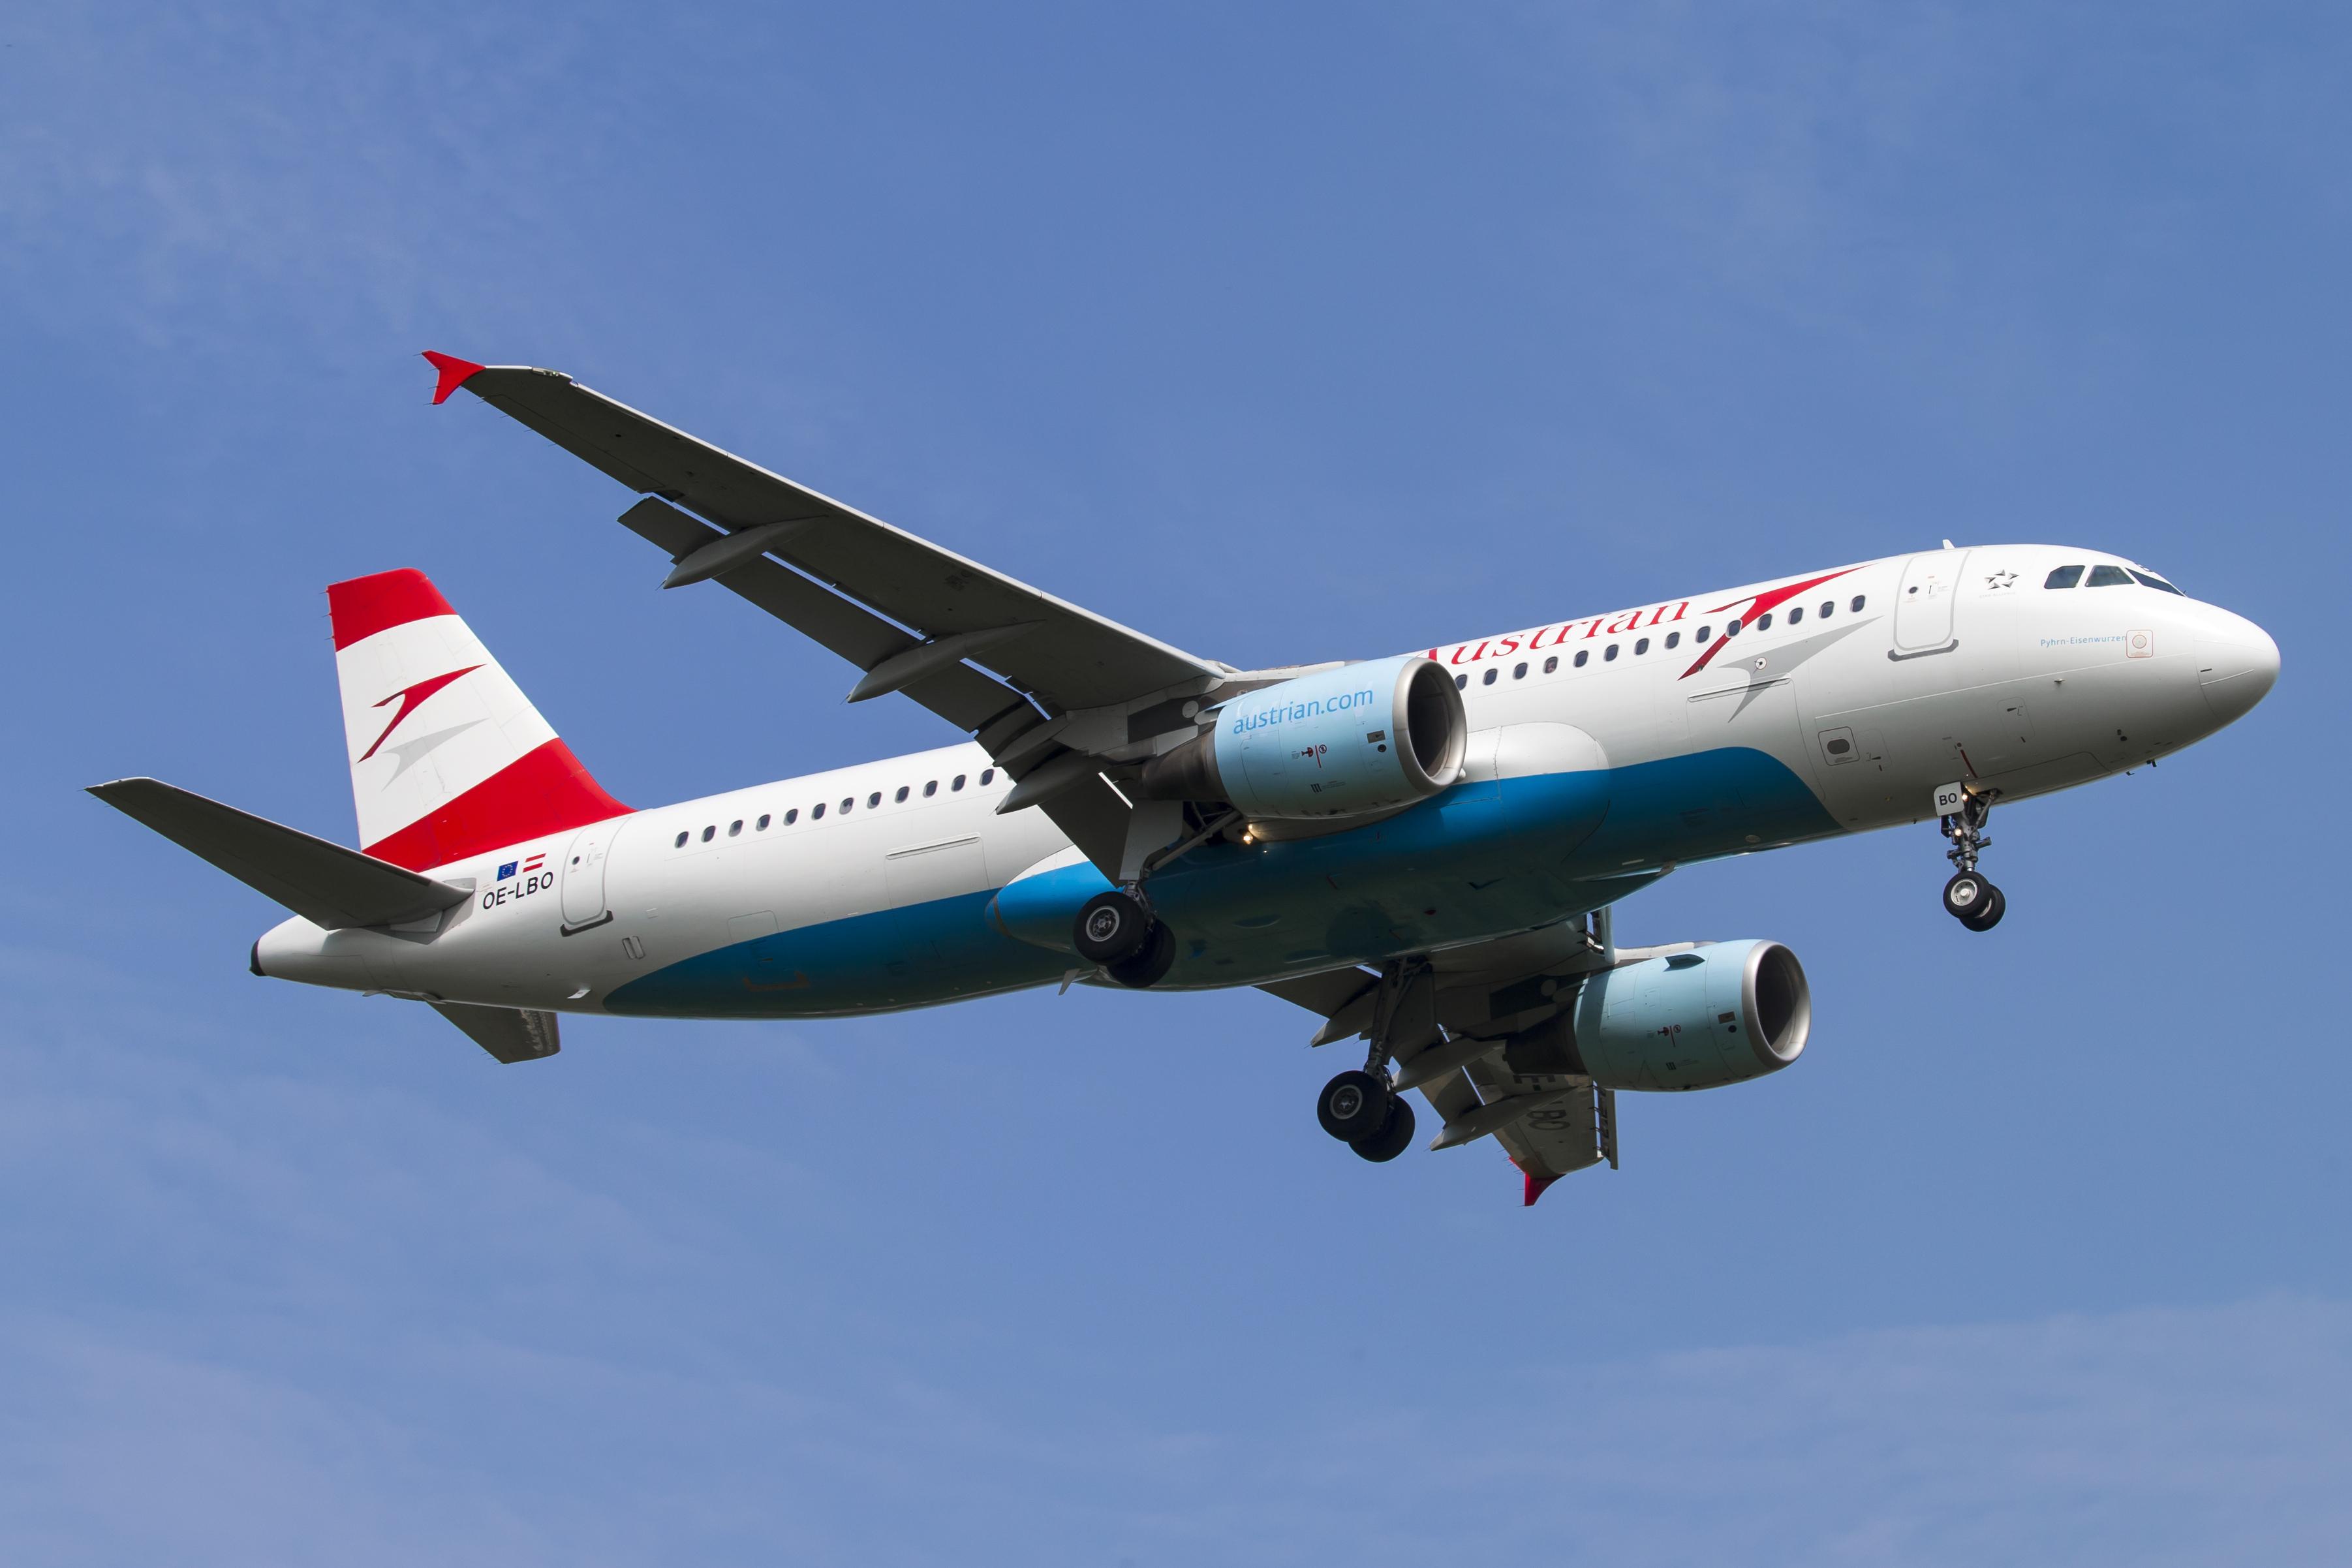 En Airbus A320 fra Austrian Airlines. Foto: © Thorbjørn Brunander Sund, danishaviationphoto.com